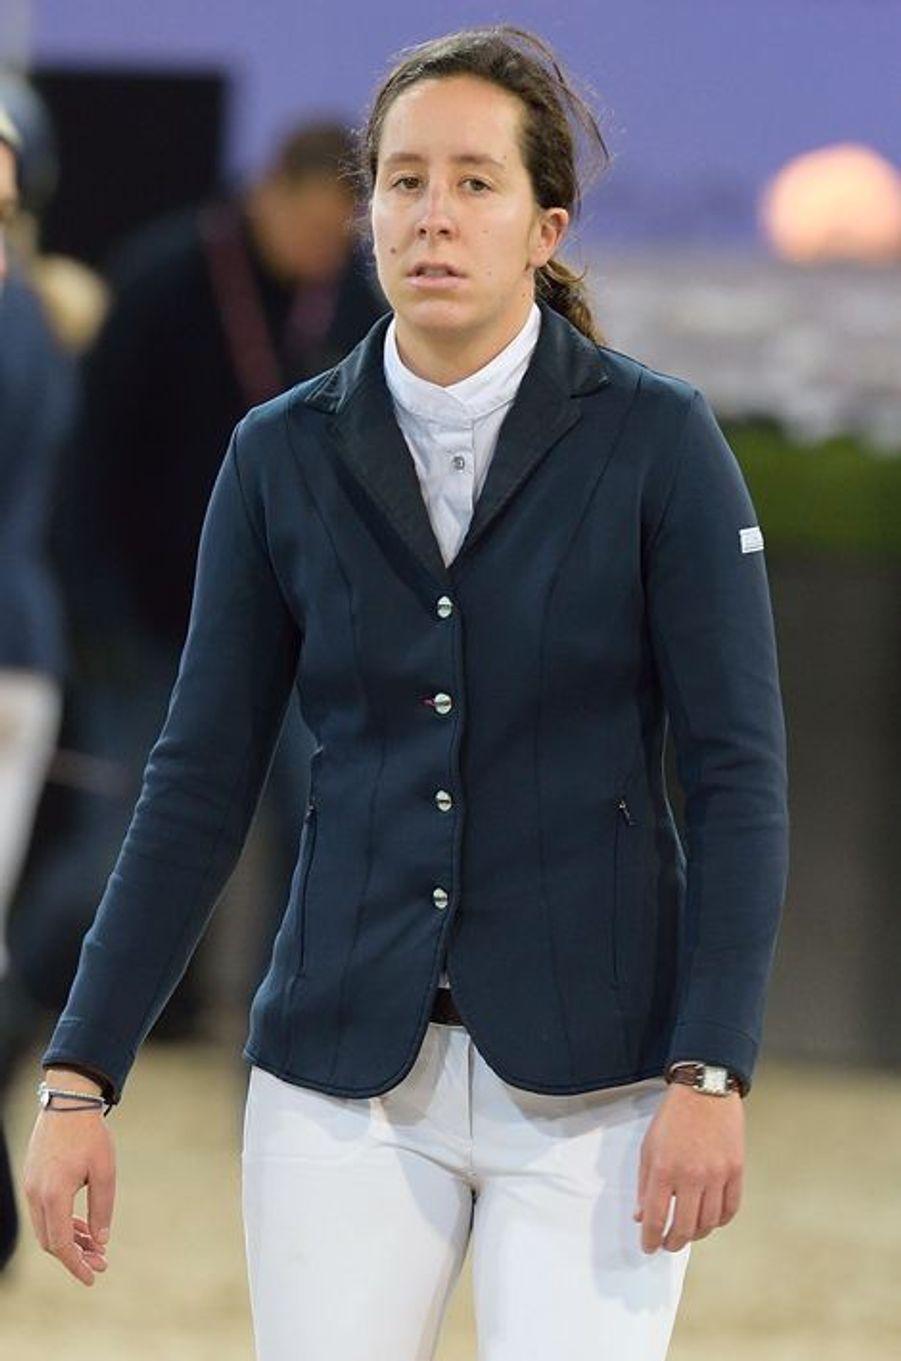 Louise Rochefort au Gucci Paris Masters 2014 qui se tient à Paris du 4 au 7 décembre